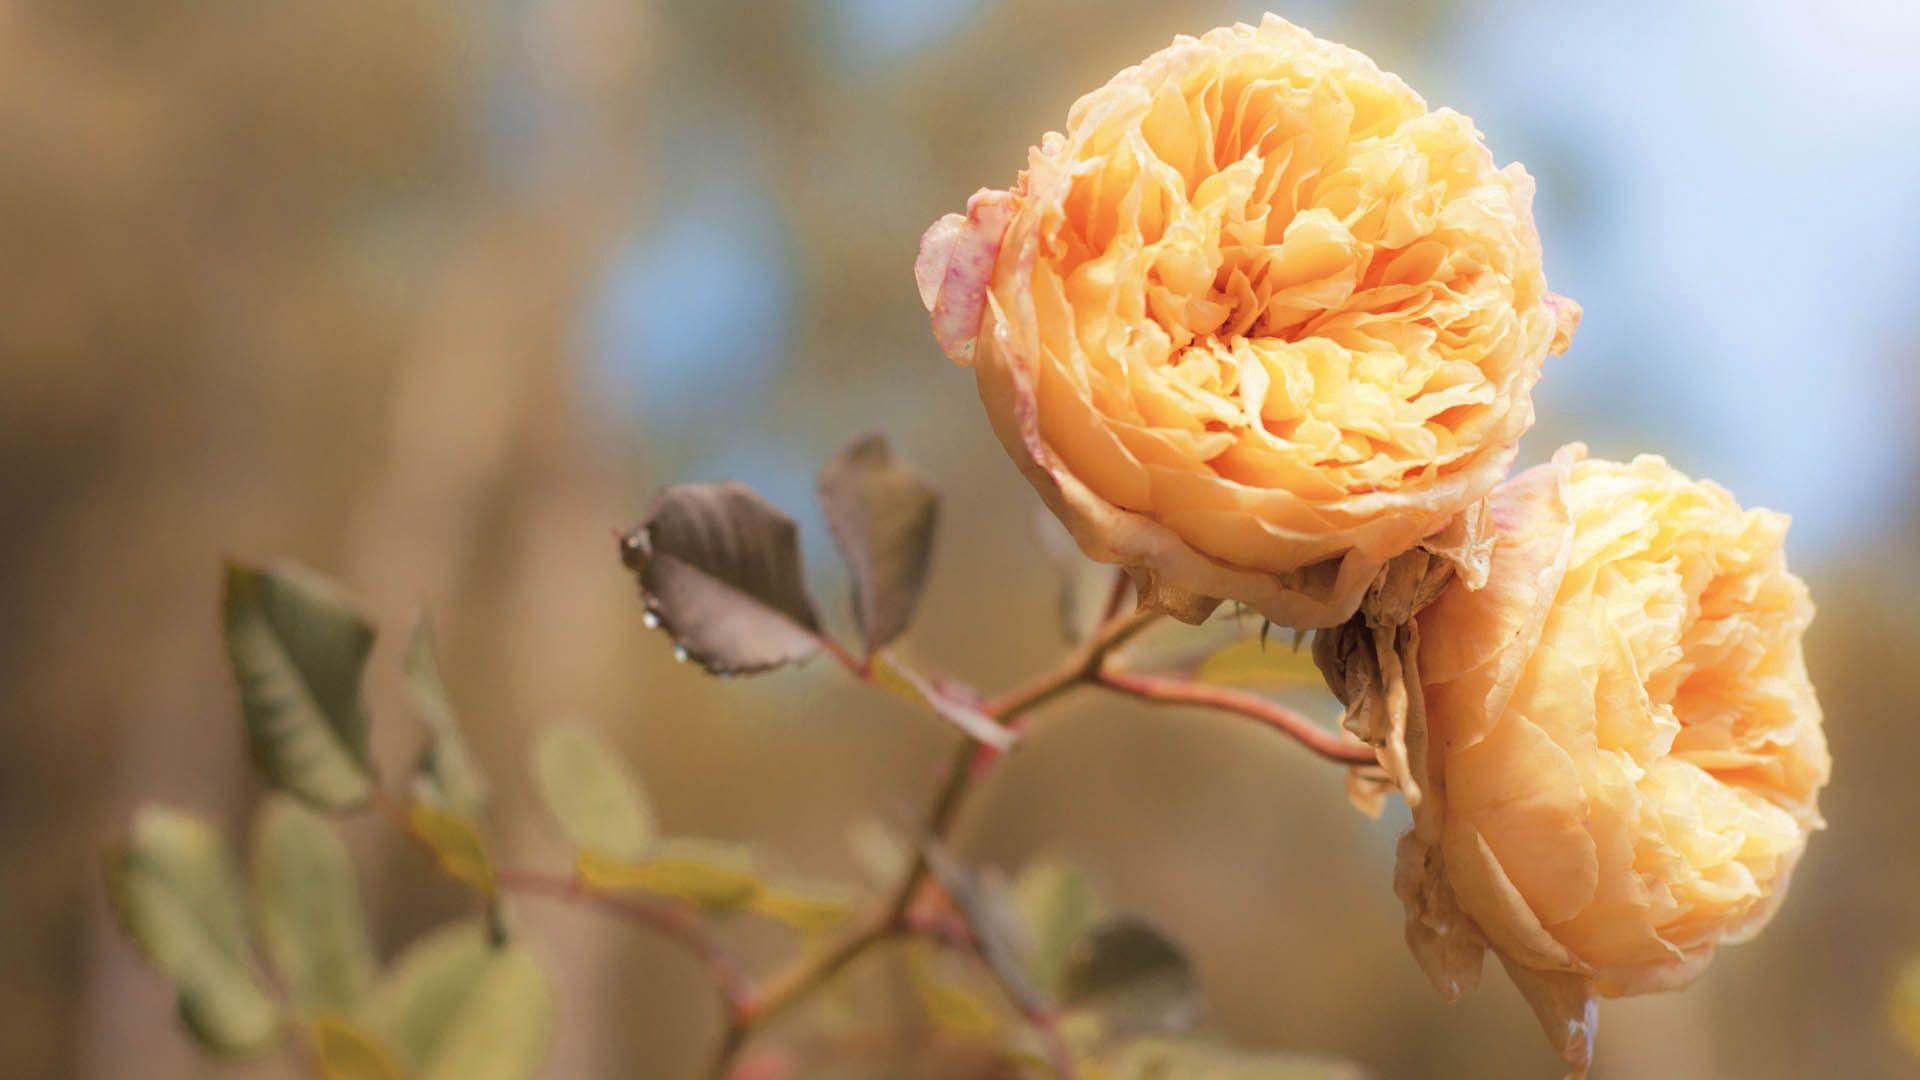 107579 免費下載壁紙 花卉, 芽, 布顿, 干, 茎, 明亮的, 明亮 屏保和圖片